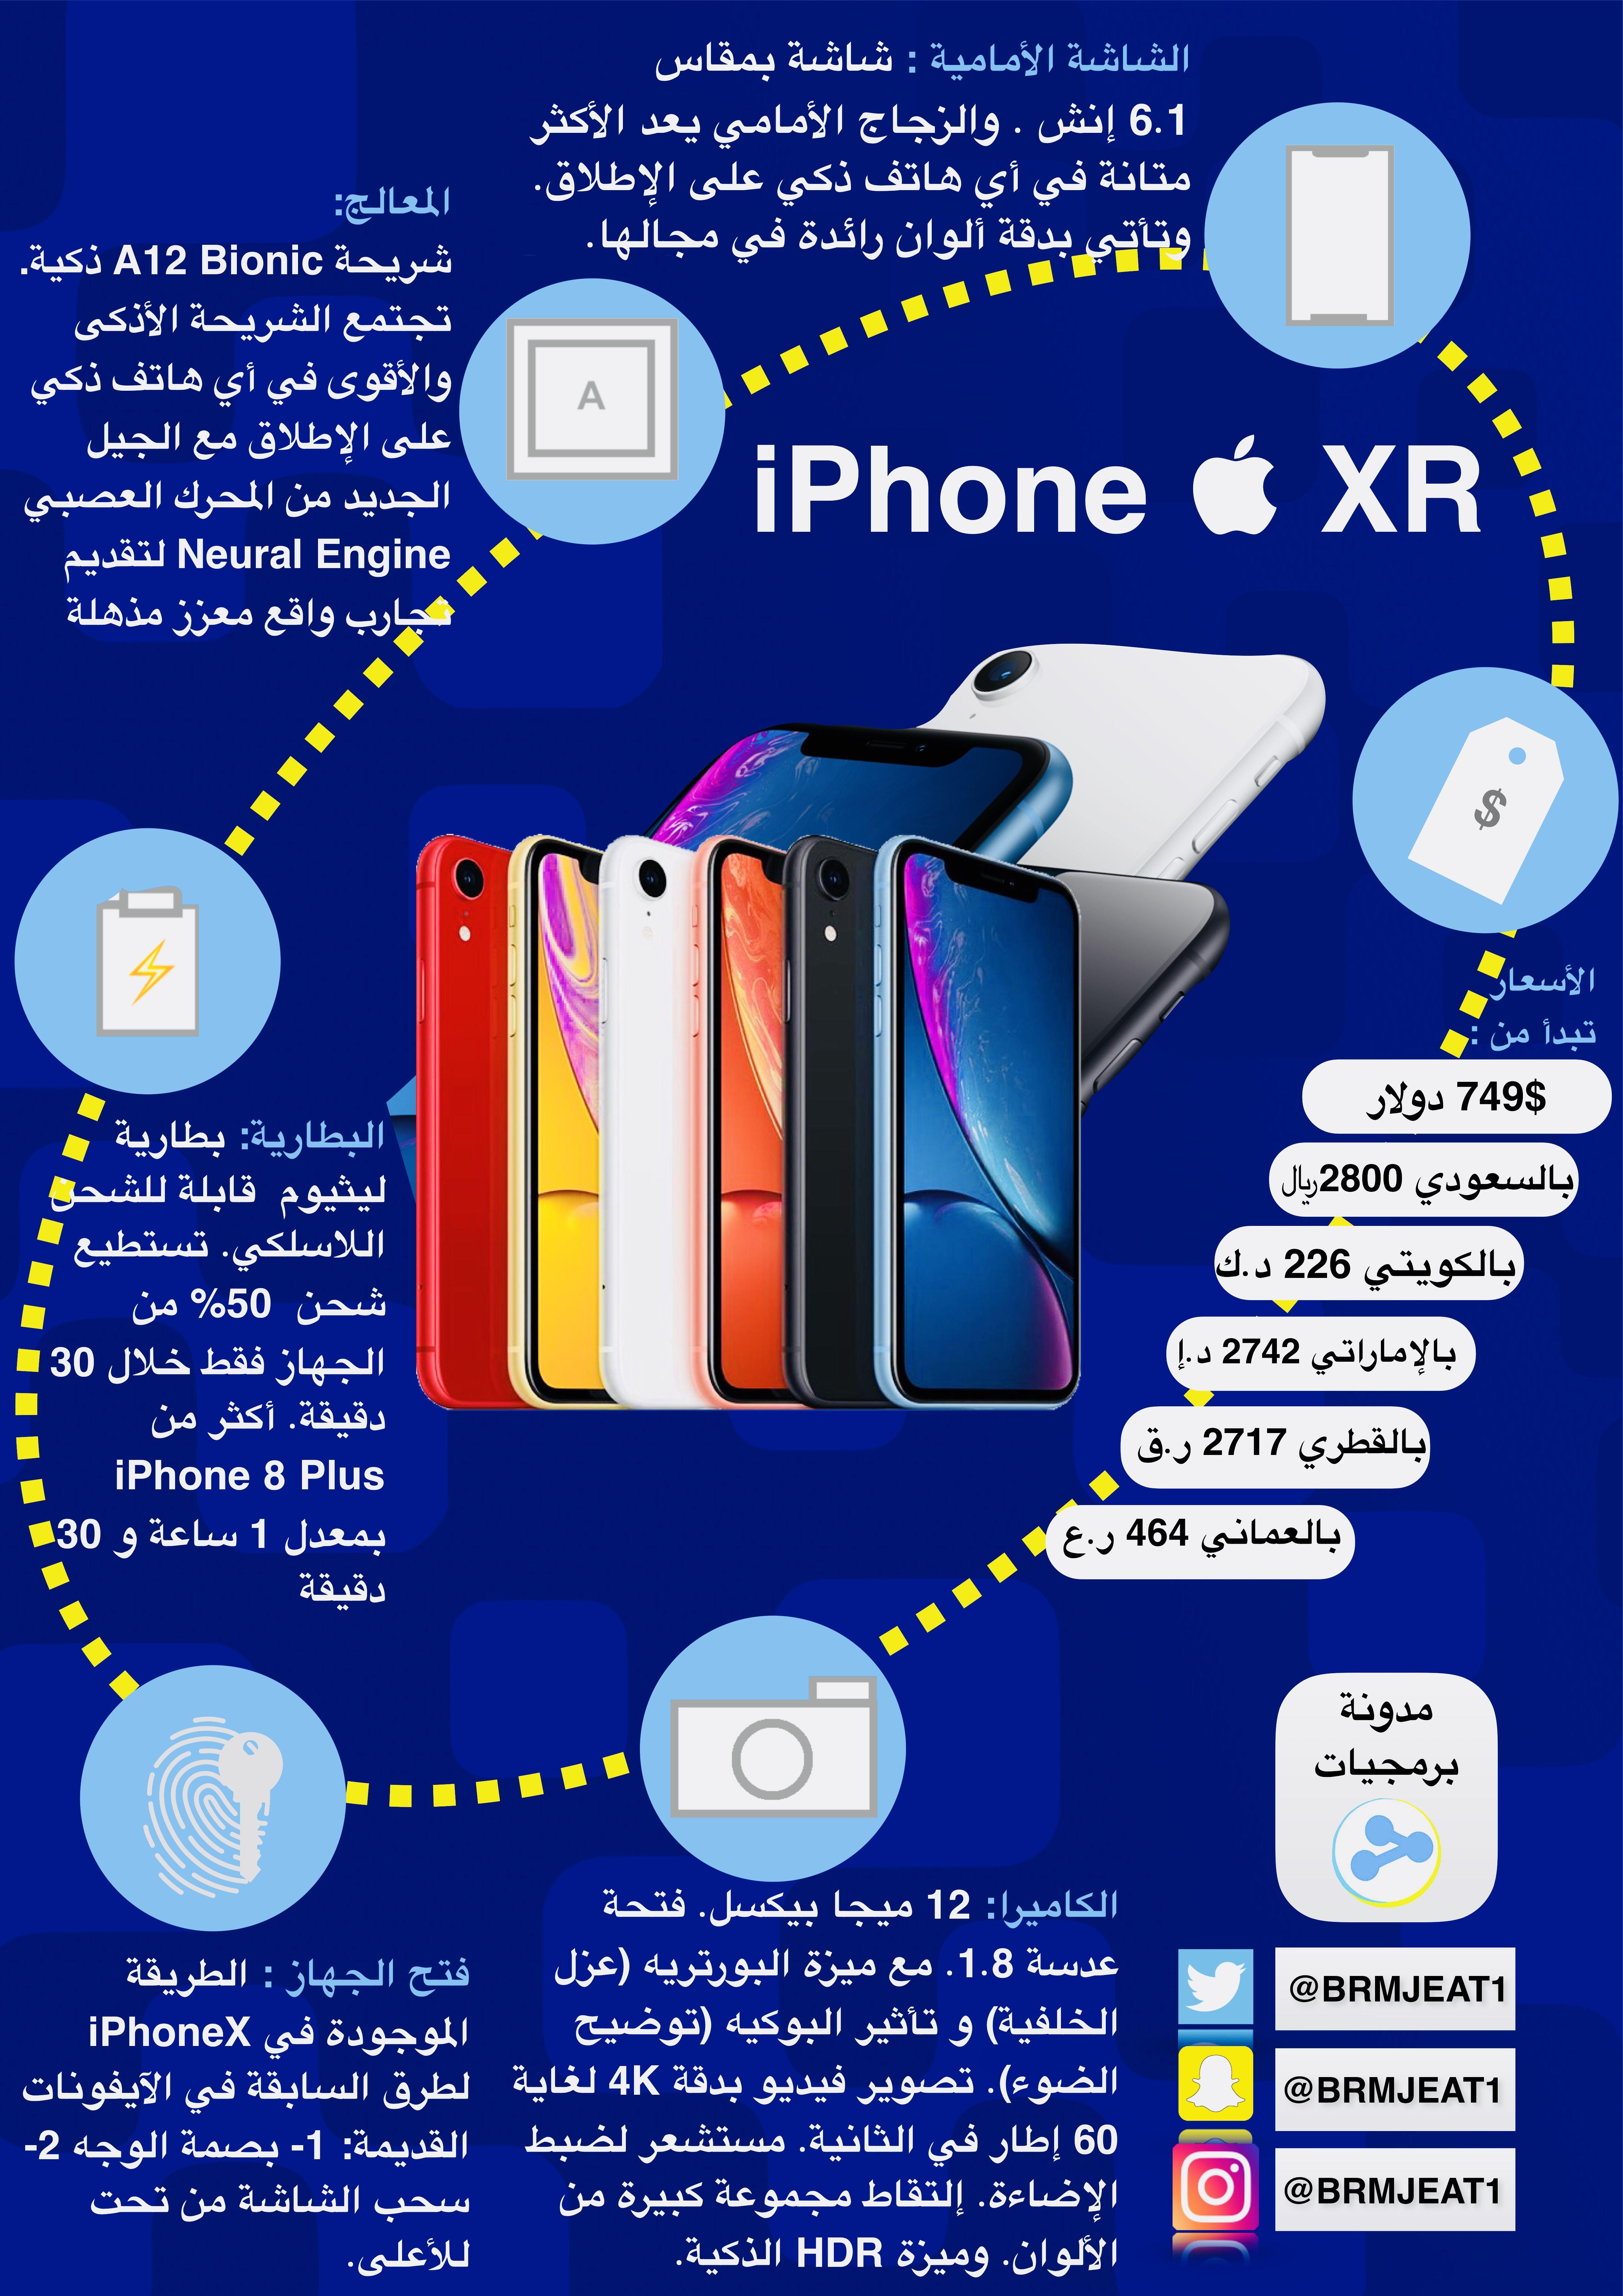 جديد 2018 انفوجرافيك ايفونxr Infographic Iphonexr Apple Iphone Iphone Infographic Apple